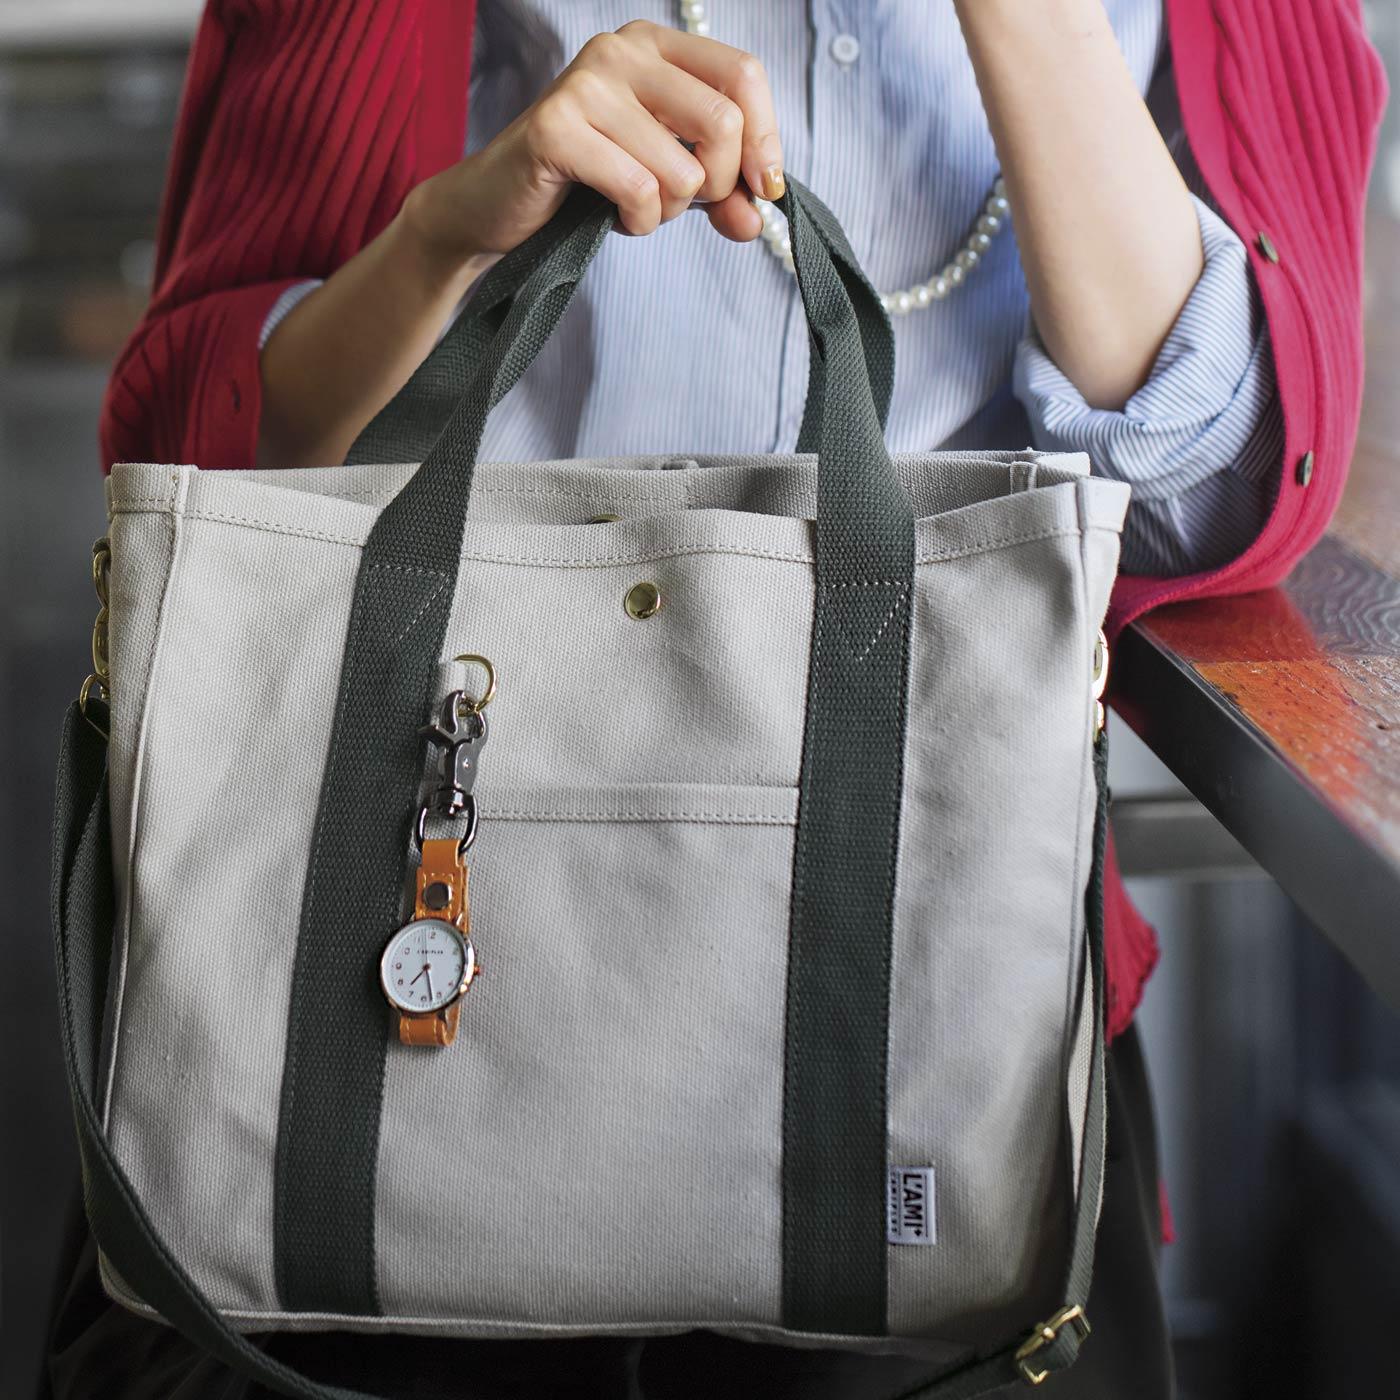 フェリシモ 荷物を放り込むだけでスッキリ仕分け T字形の仕切り付きトートバッグ